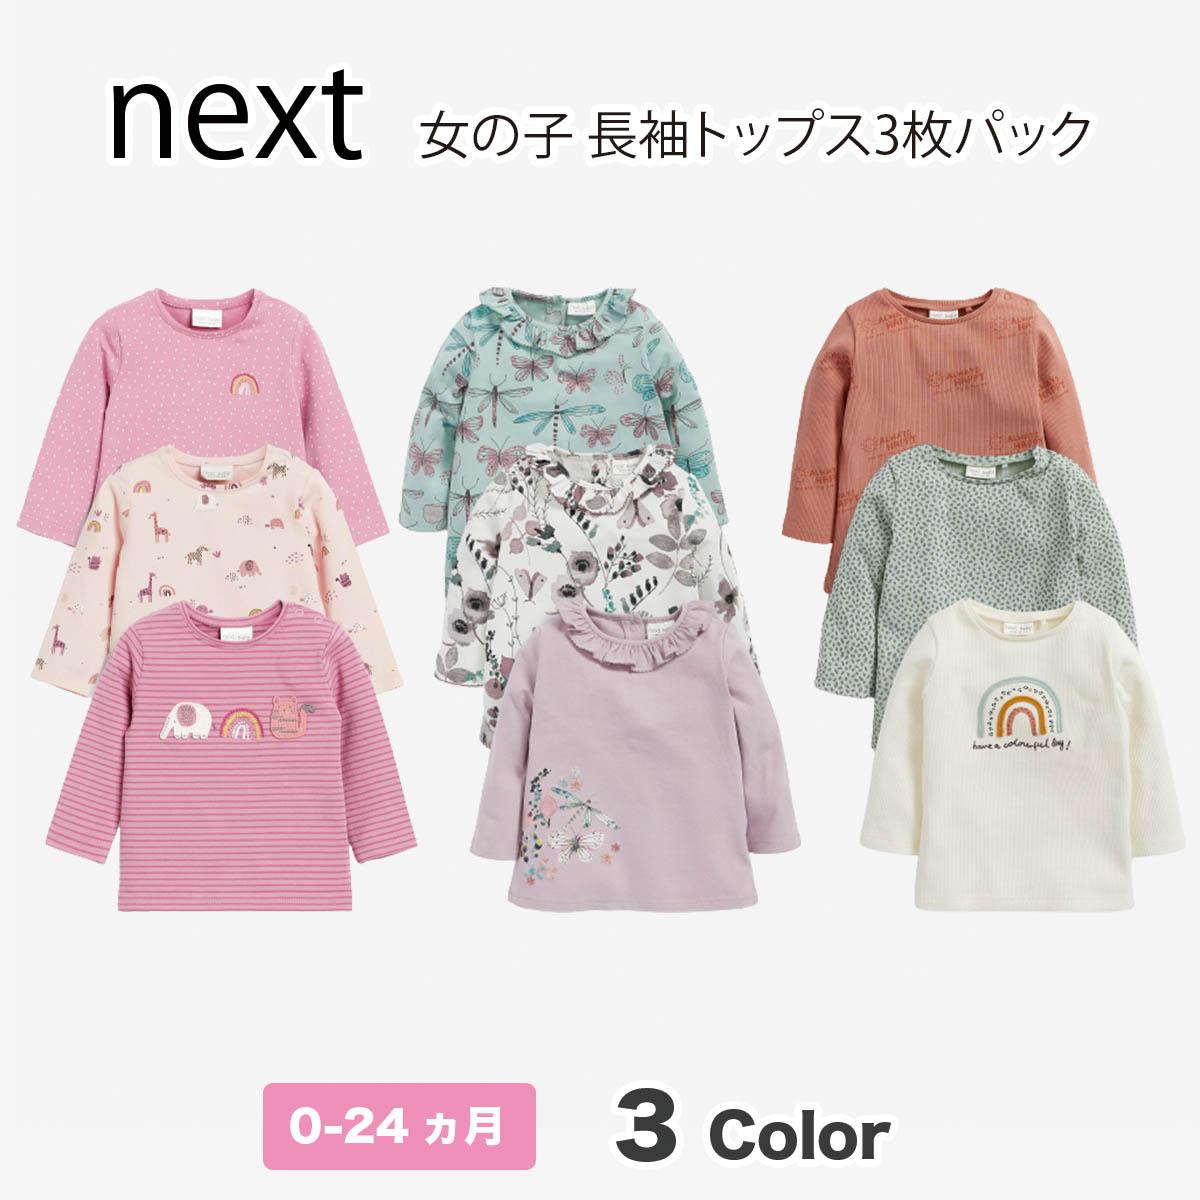 送料無料 ネクスト ベビー NEXT 女の子 長袖 Tシャツ 3 枚パック ピンク 出産祝い ベビーウェア ベビー服 新生児 子供服 ついに再販開始 衣類 アニマル柄 新着 ストレッチ パジャマ